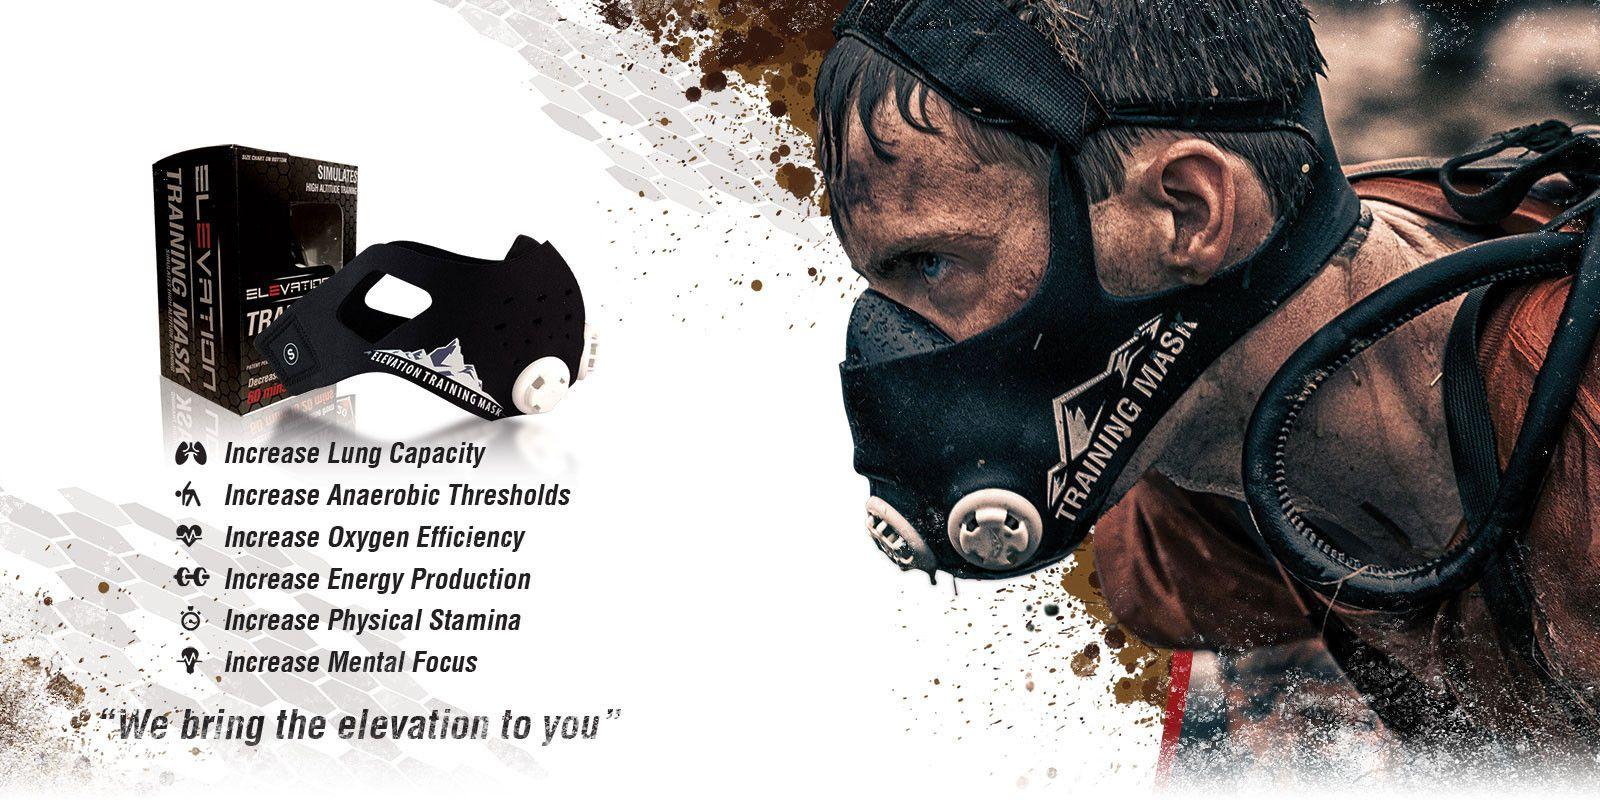 Elevation Training Mask Europe - Simulates High Altitude Training